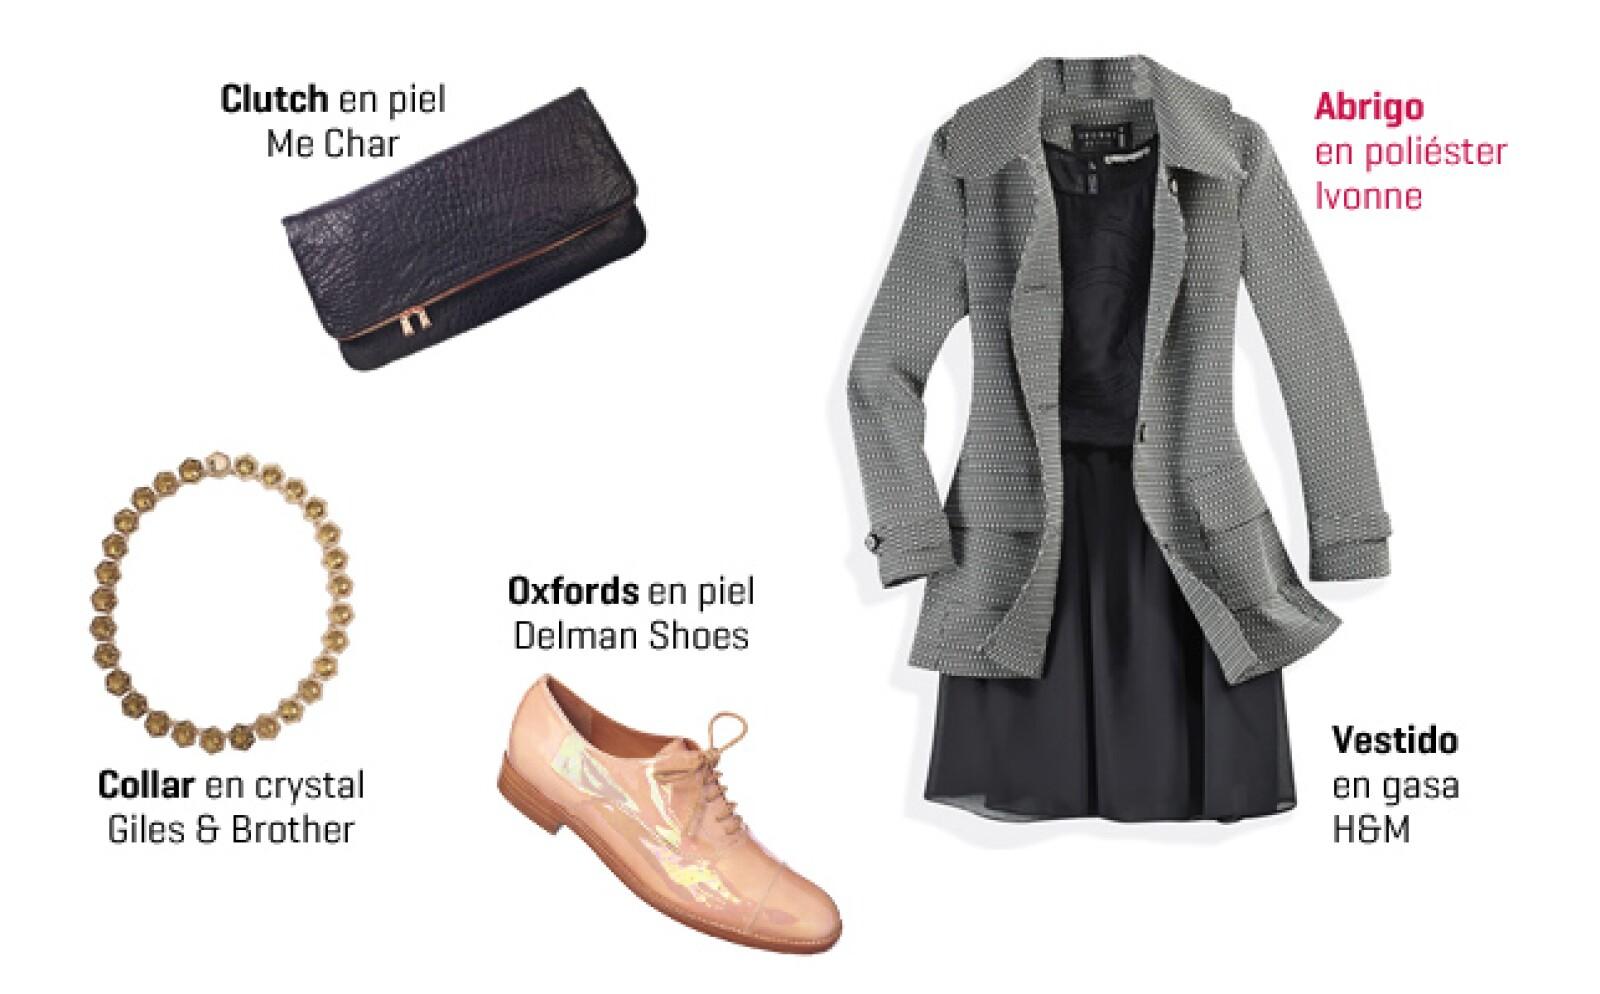 Ponte el abrigo con un vestido negro con transparencias y dale un giro masculino, divertido y arriesgado con unos zapatos oxfords metálicos.